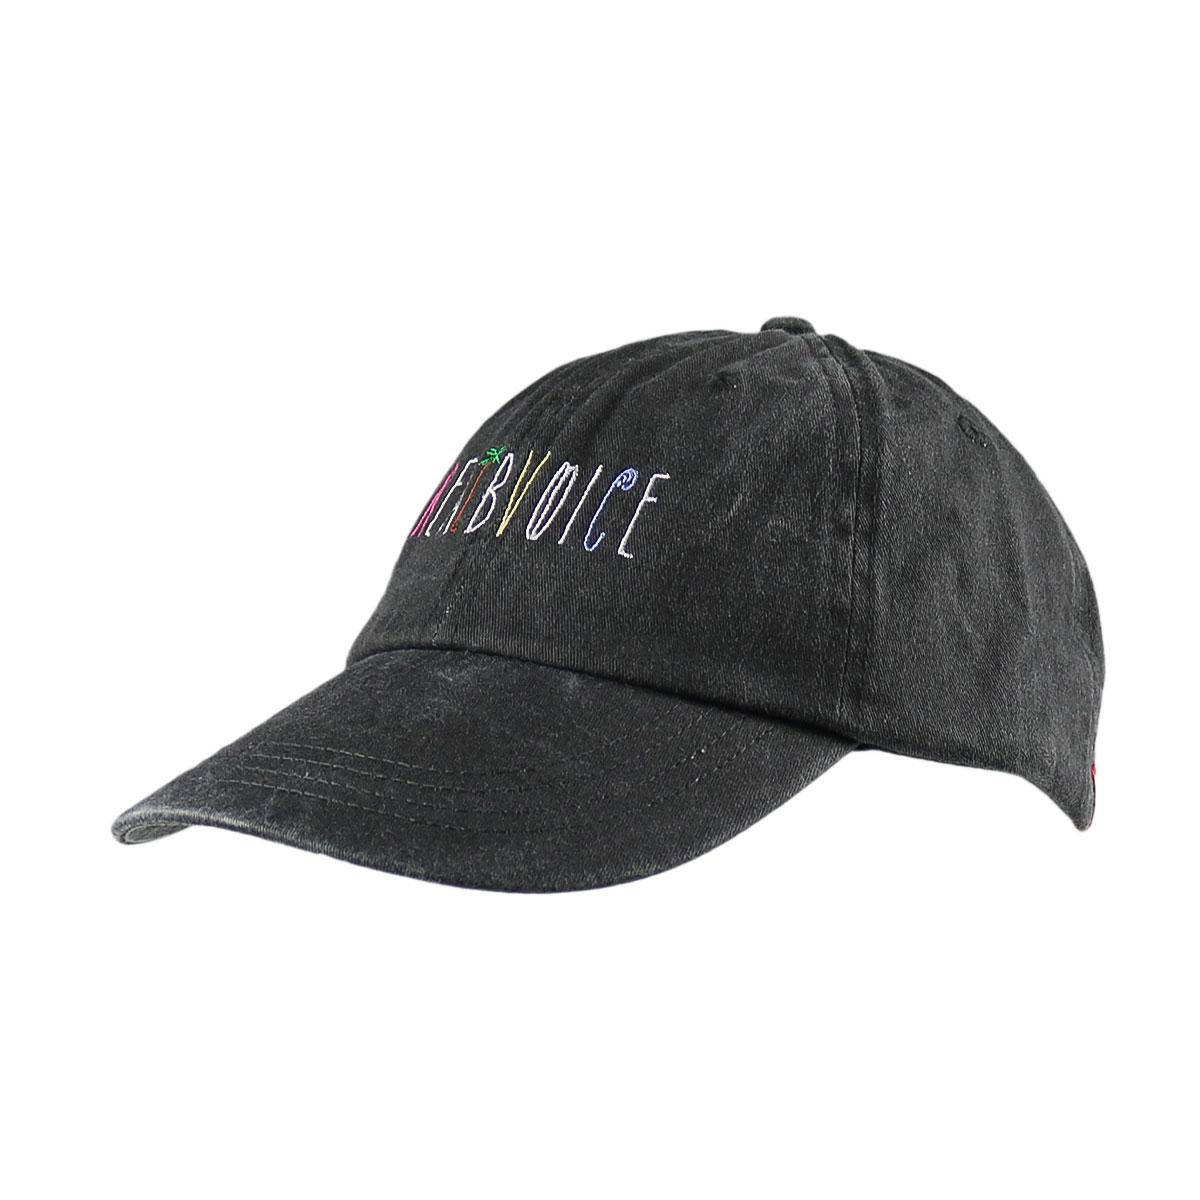 PALM TREE CAP